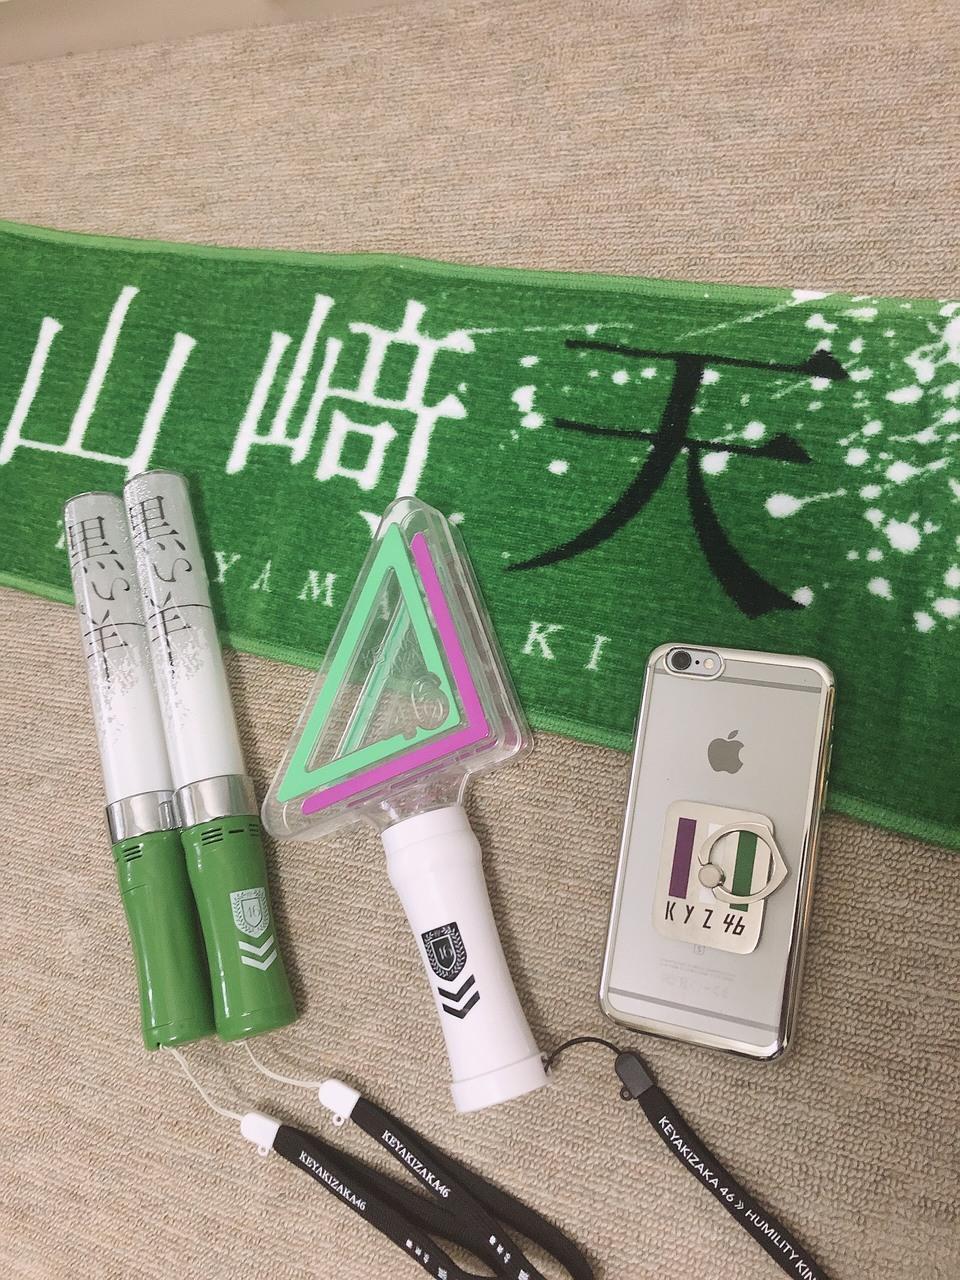 山﨑 天 公式ブログ | 欅坂46公式サイト 2019-10-12 16:23:38